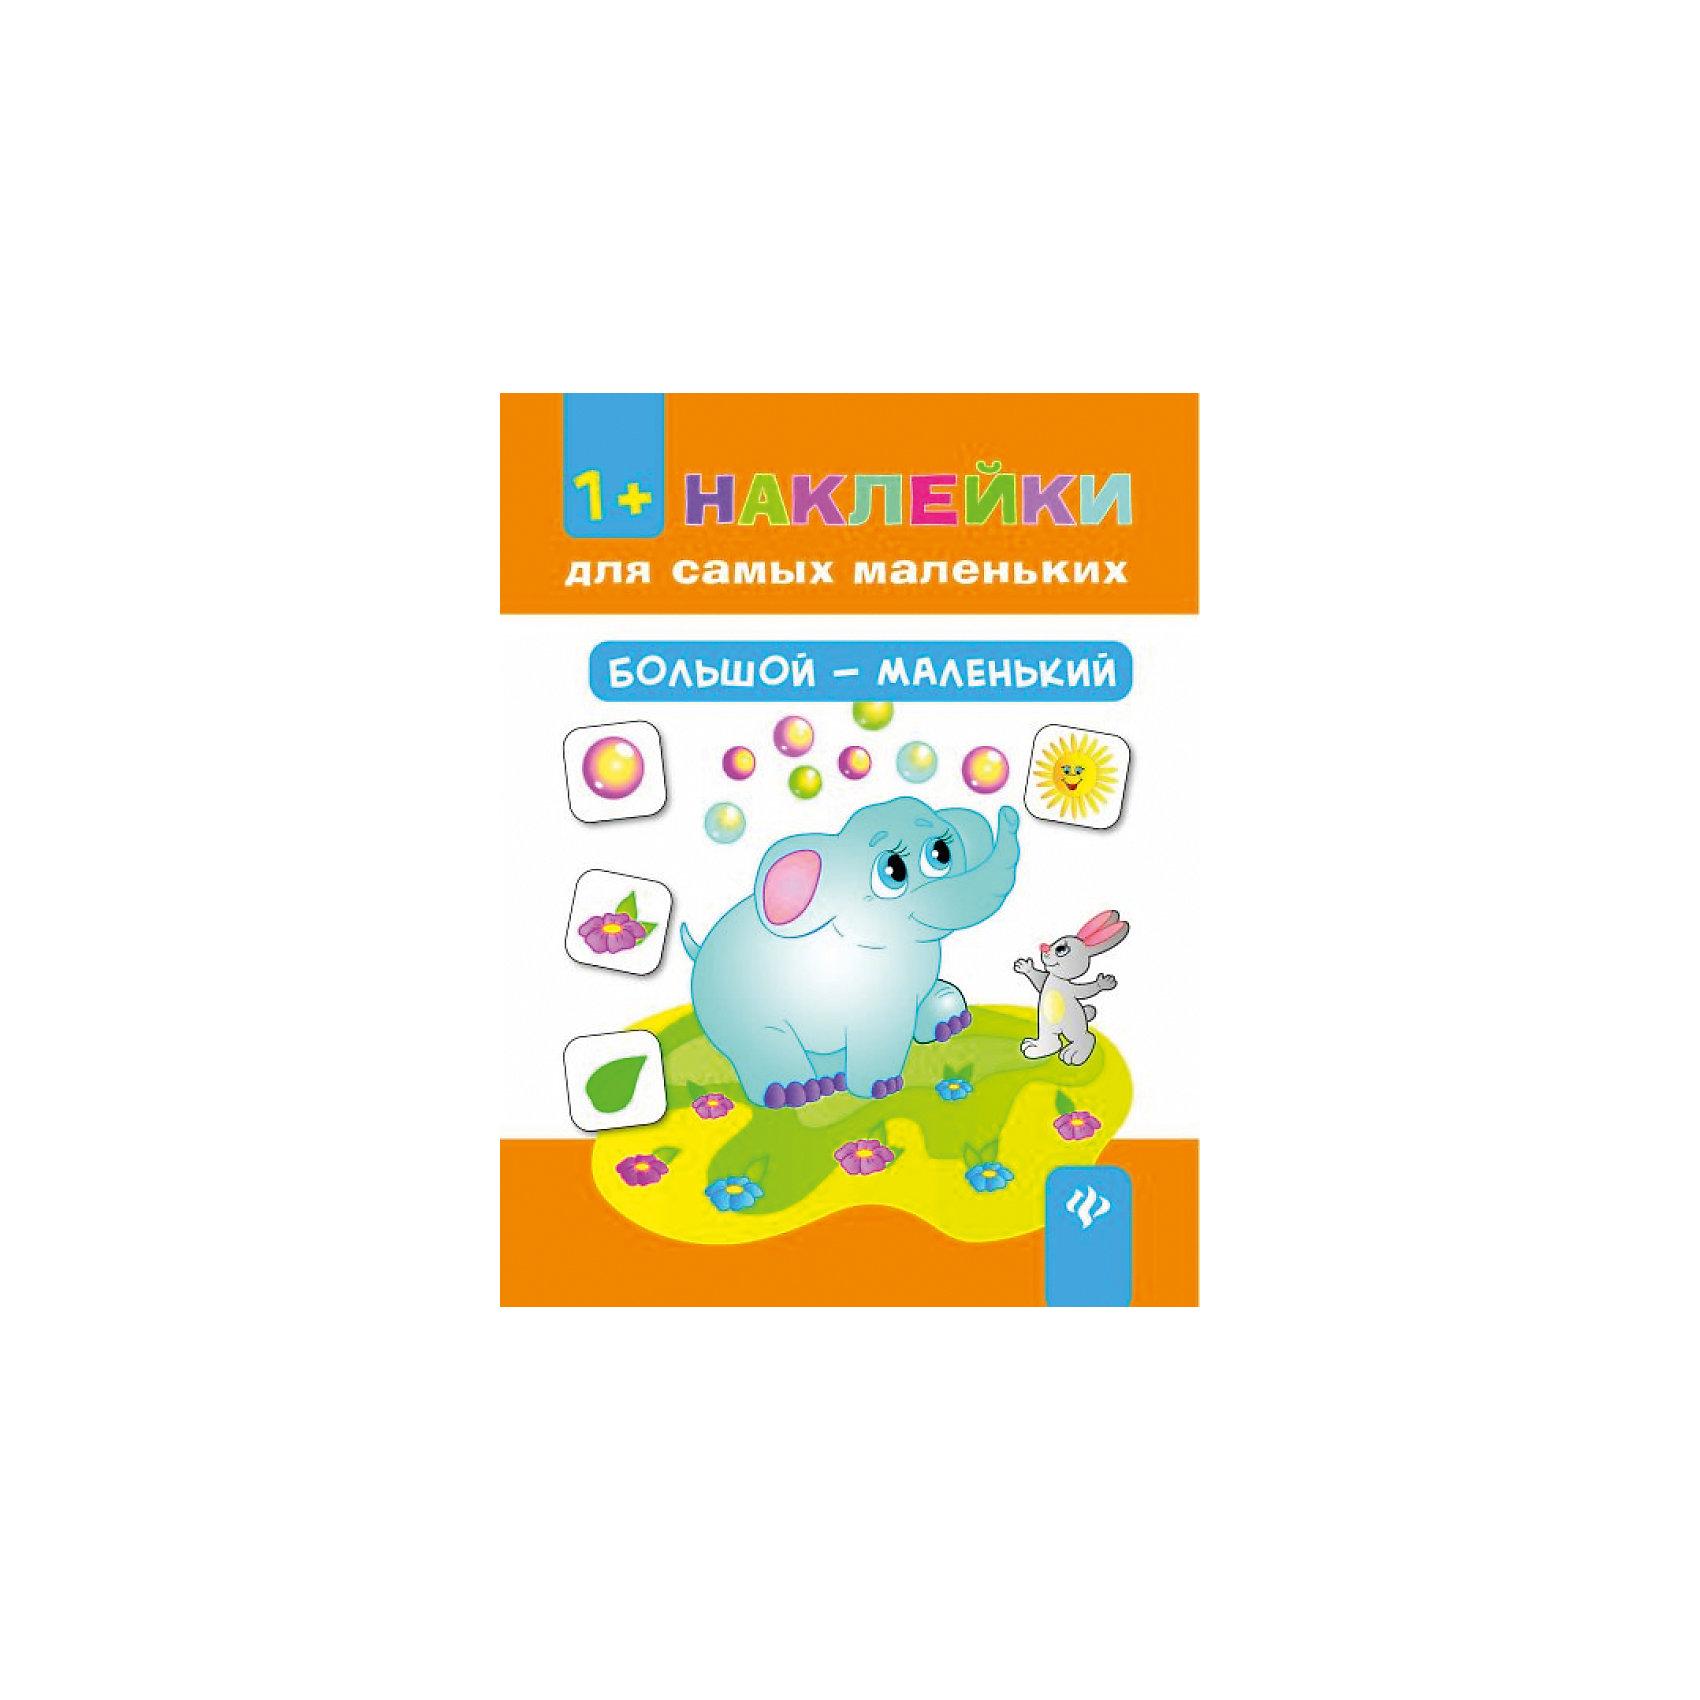 Наклейки для самых маленьких Большой+ ВысокийФеникс<br>Клеить наклейки всегда очень интересно и к тому же полезно, ведь это занятие развивает мелкую моторику рук, способствует развитию внимательности и дарит детям массу удовольствия! Серия книг «Наклейки для самых маленьких» дает малышам возможность не только клеить наклейки, а ещё и пополнить свои знания. Работая с этими книжками, дети выучат такие базовые понятия, как один и много, большой и маленький, научатся ориентироваться в пространстве, познакомятся с некоторыми формами и запомнят названия цветов радуги. Яркие весёлые иллюстрации и интересные задания будут стимулировать малышей познавать мир — и учеба превратится в увлекательную игру.<br><br>Ширина мм: 257<br>Глубина мм: 200<br>Высота мм: 20<br>Вес г: 420<br>Возраст от месяцев: 36<br>Возраст до месяцев: 2147483647<br>Пол: Унисекс<br>Возраст: Детский<br>SKU: 6873669